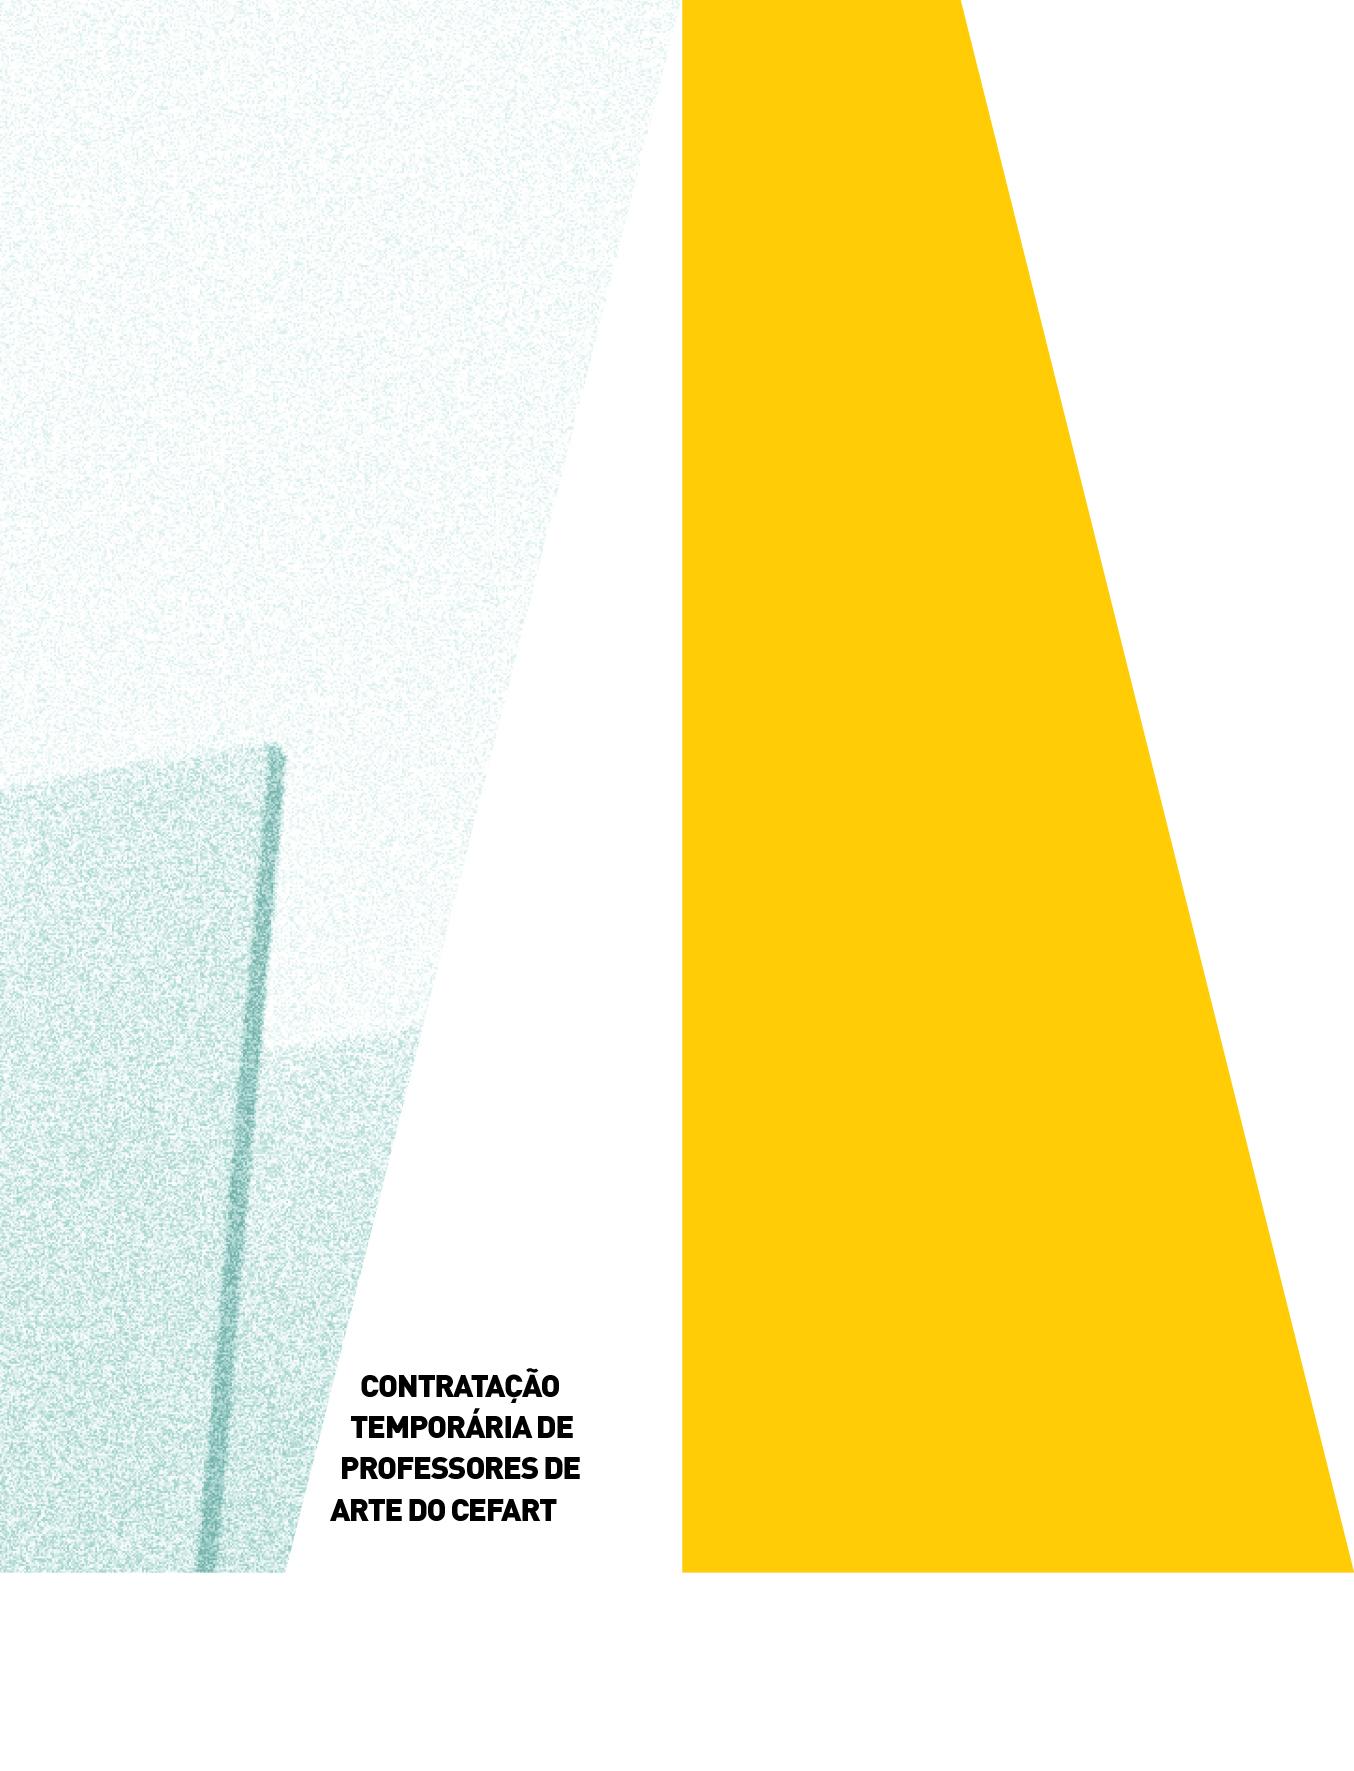 Evento: Edital de Contratação de Professores de Arte 2021/2022 | Cefart